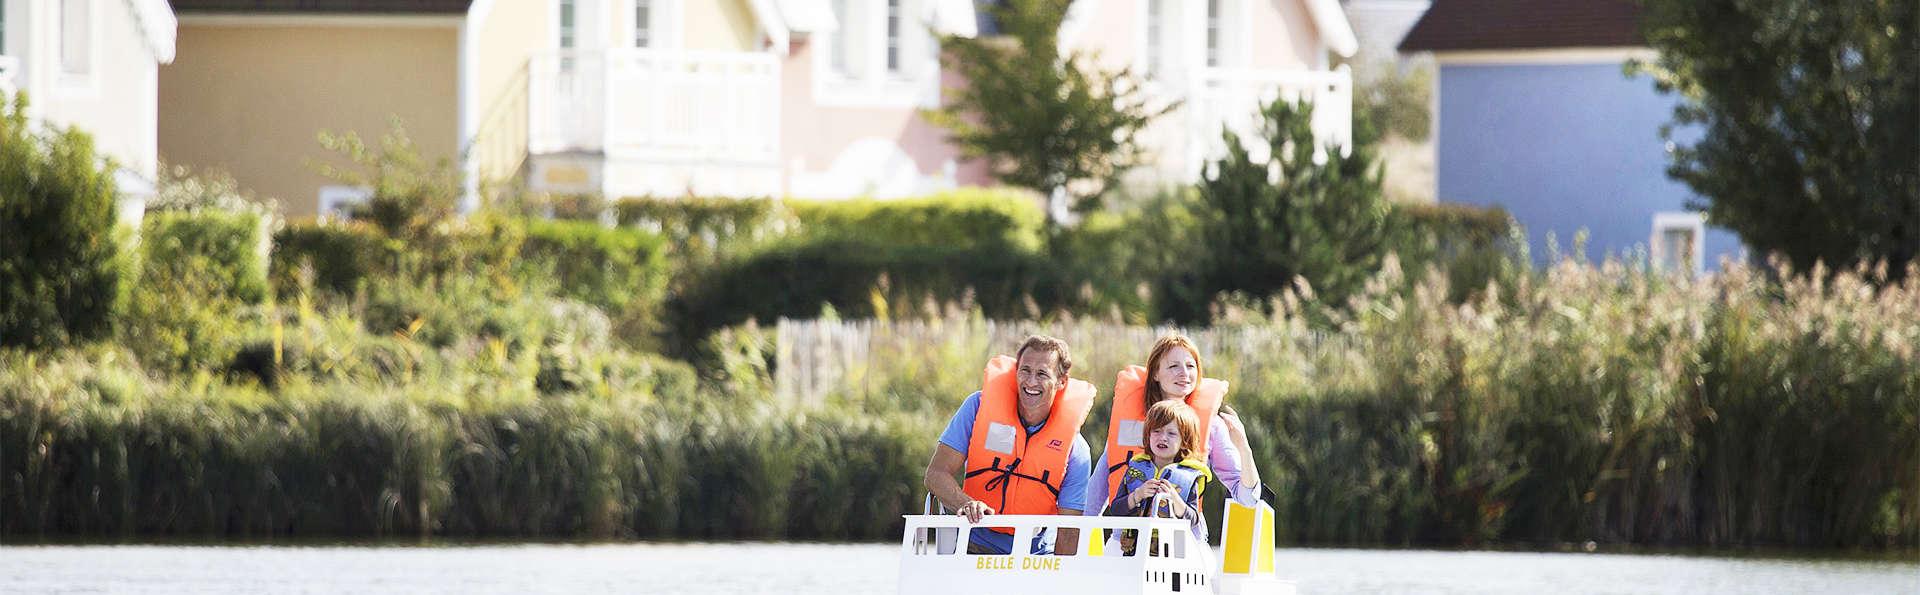 Week-end en maison pour 5 personnes dans un eco village en baie de Somme